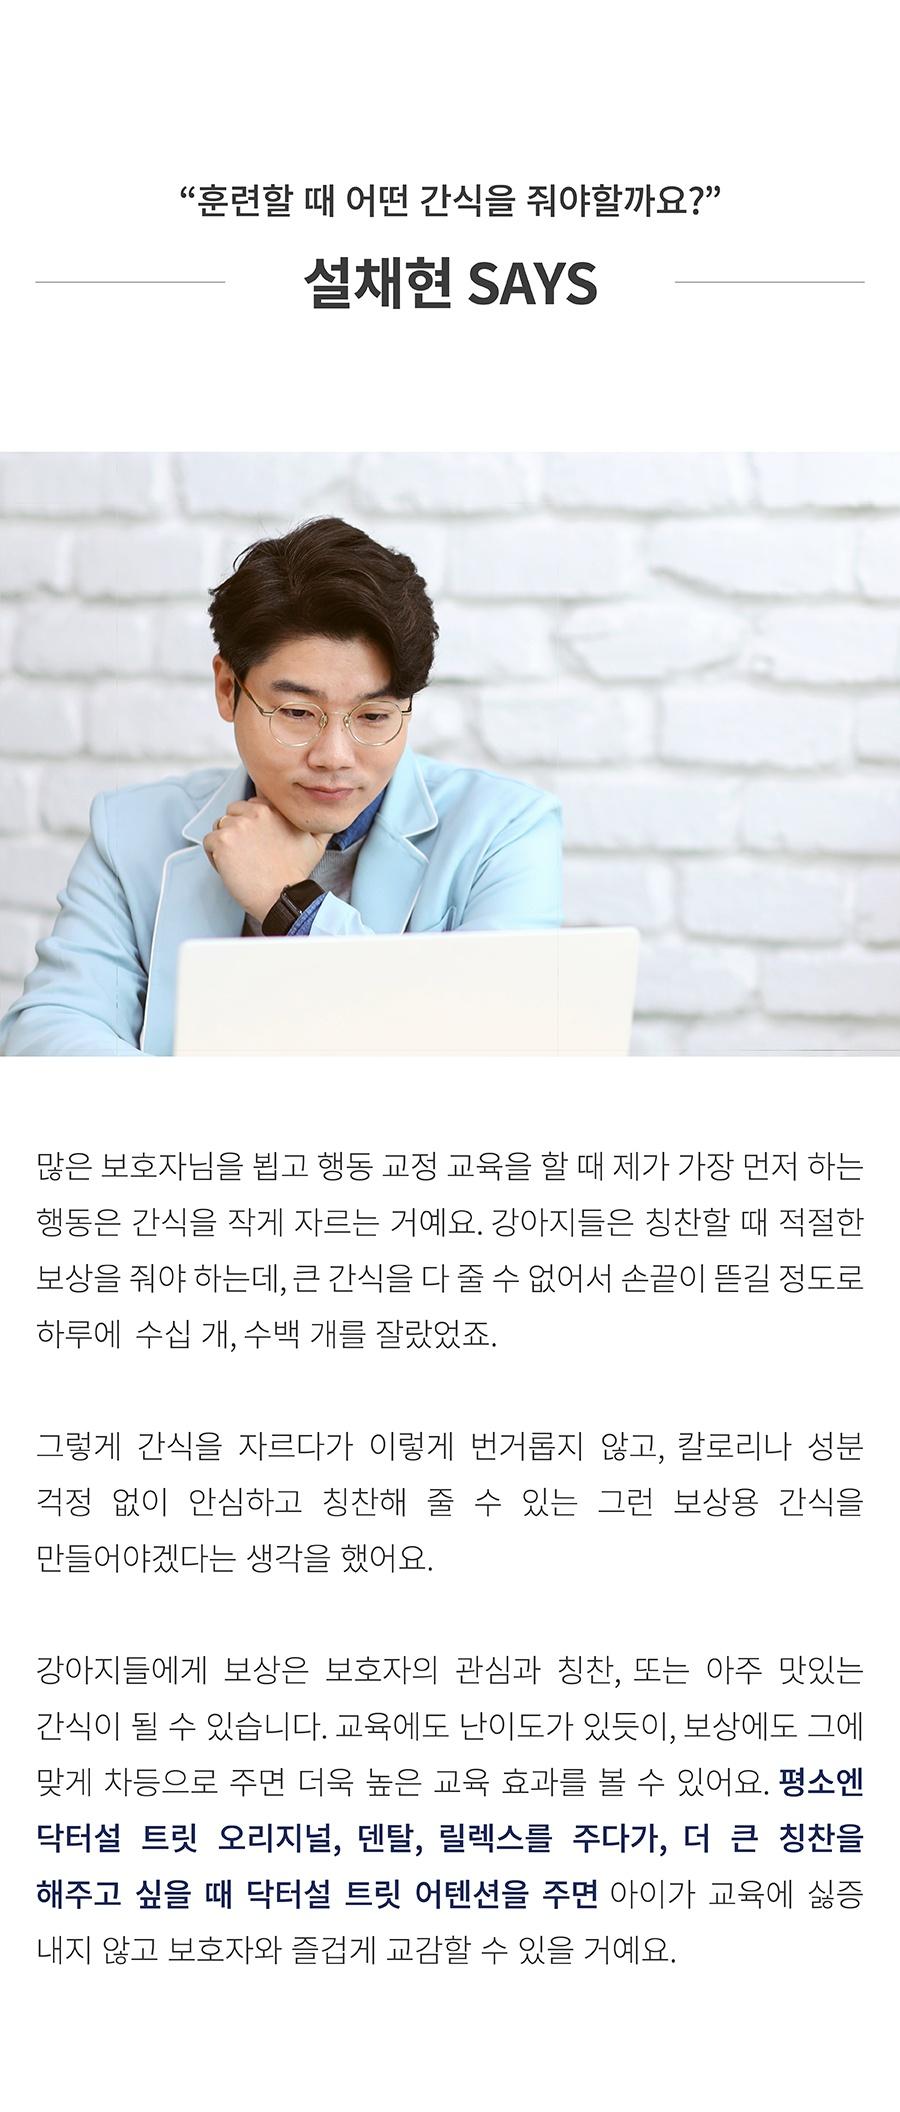 닥터설 트릿 모음전-상품이미지-6